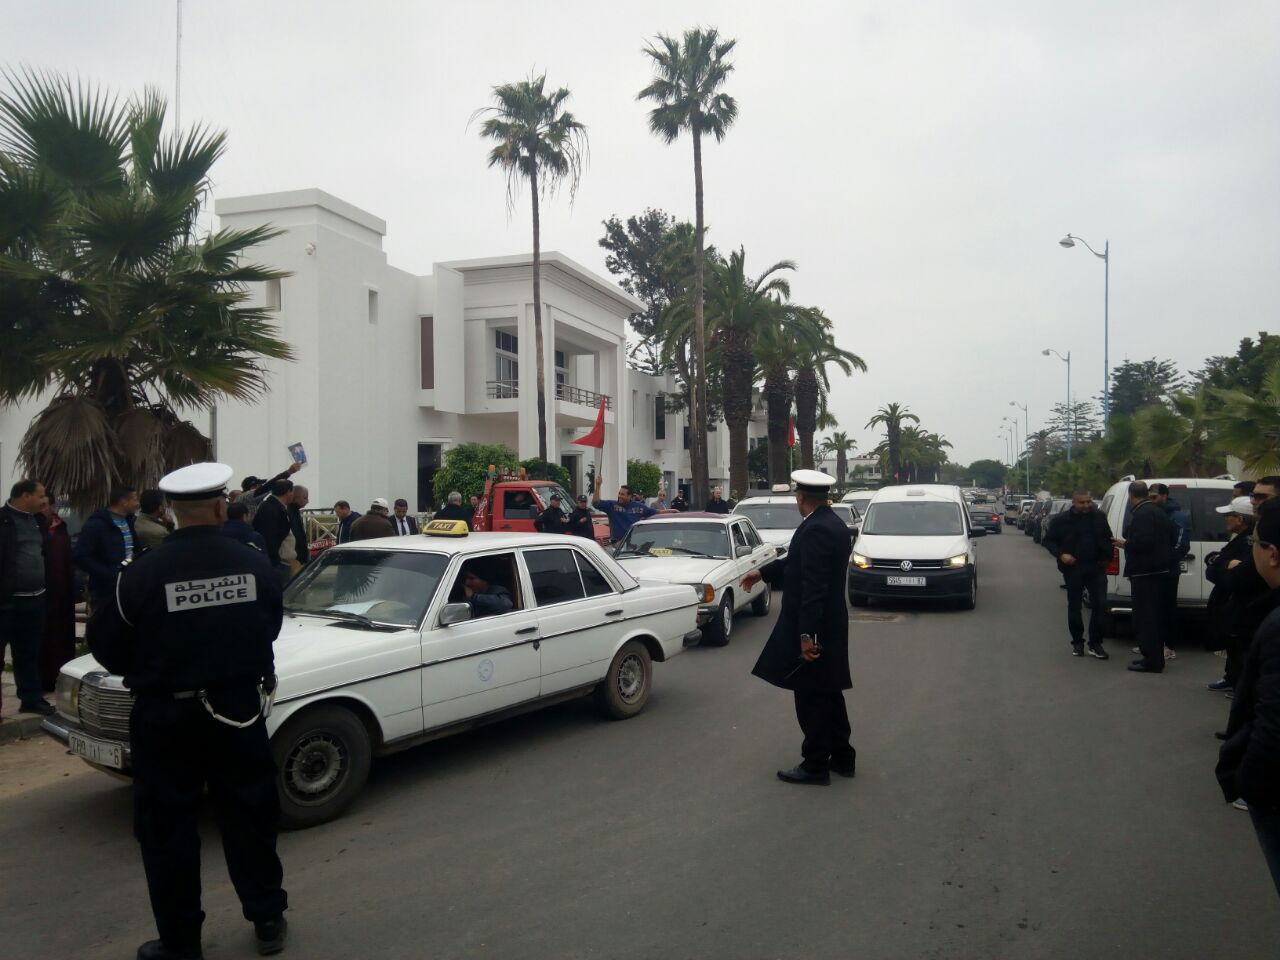 إضراب إنذاري للطاكسيات الكبار يوم الأربعاء 21 مارس والتلويح بتحويل الاحتجاج إلى مسيرة في اتجاه الرباط